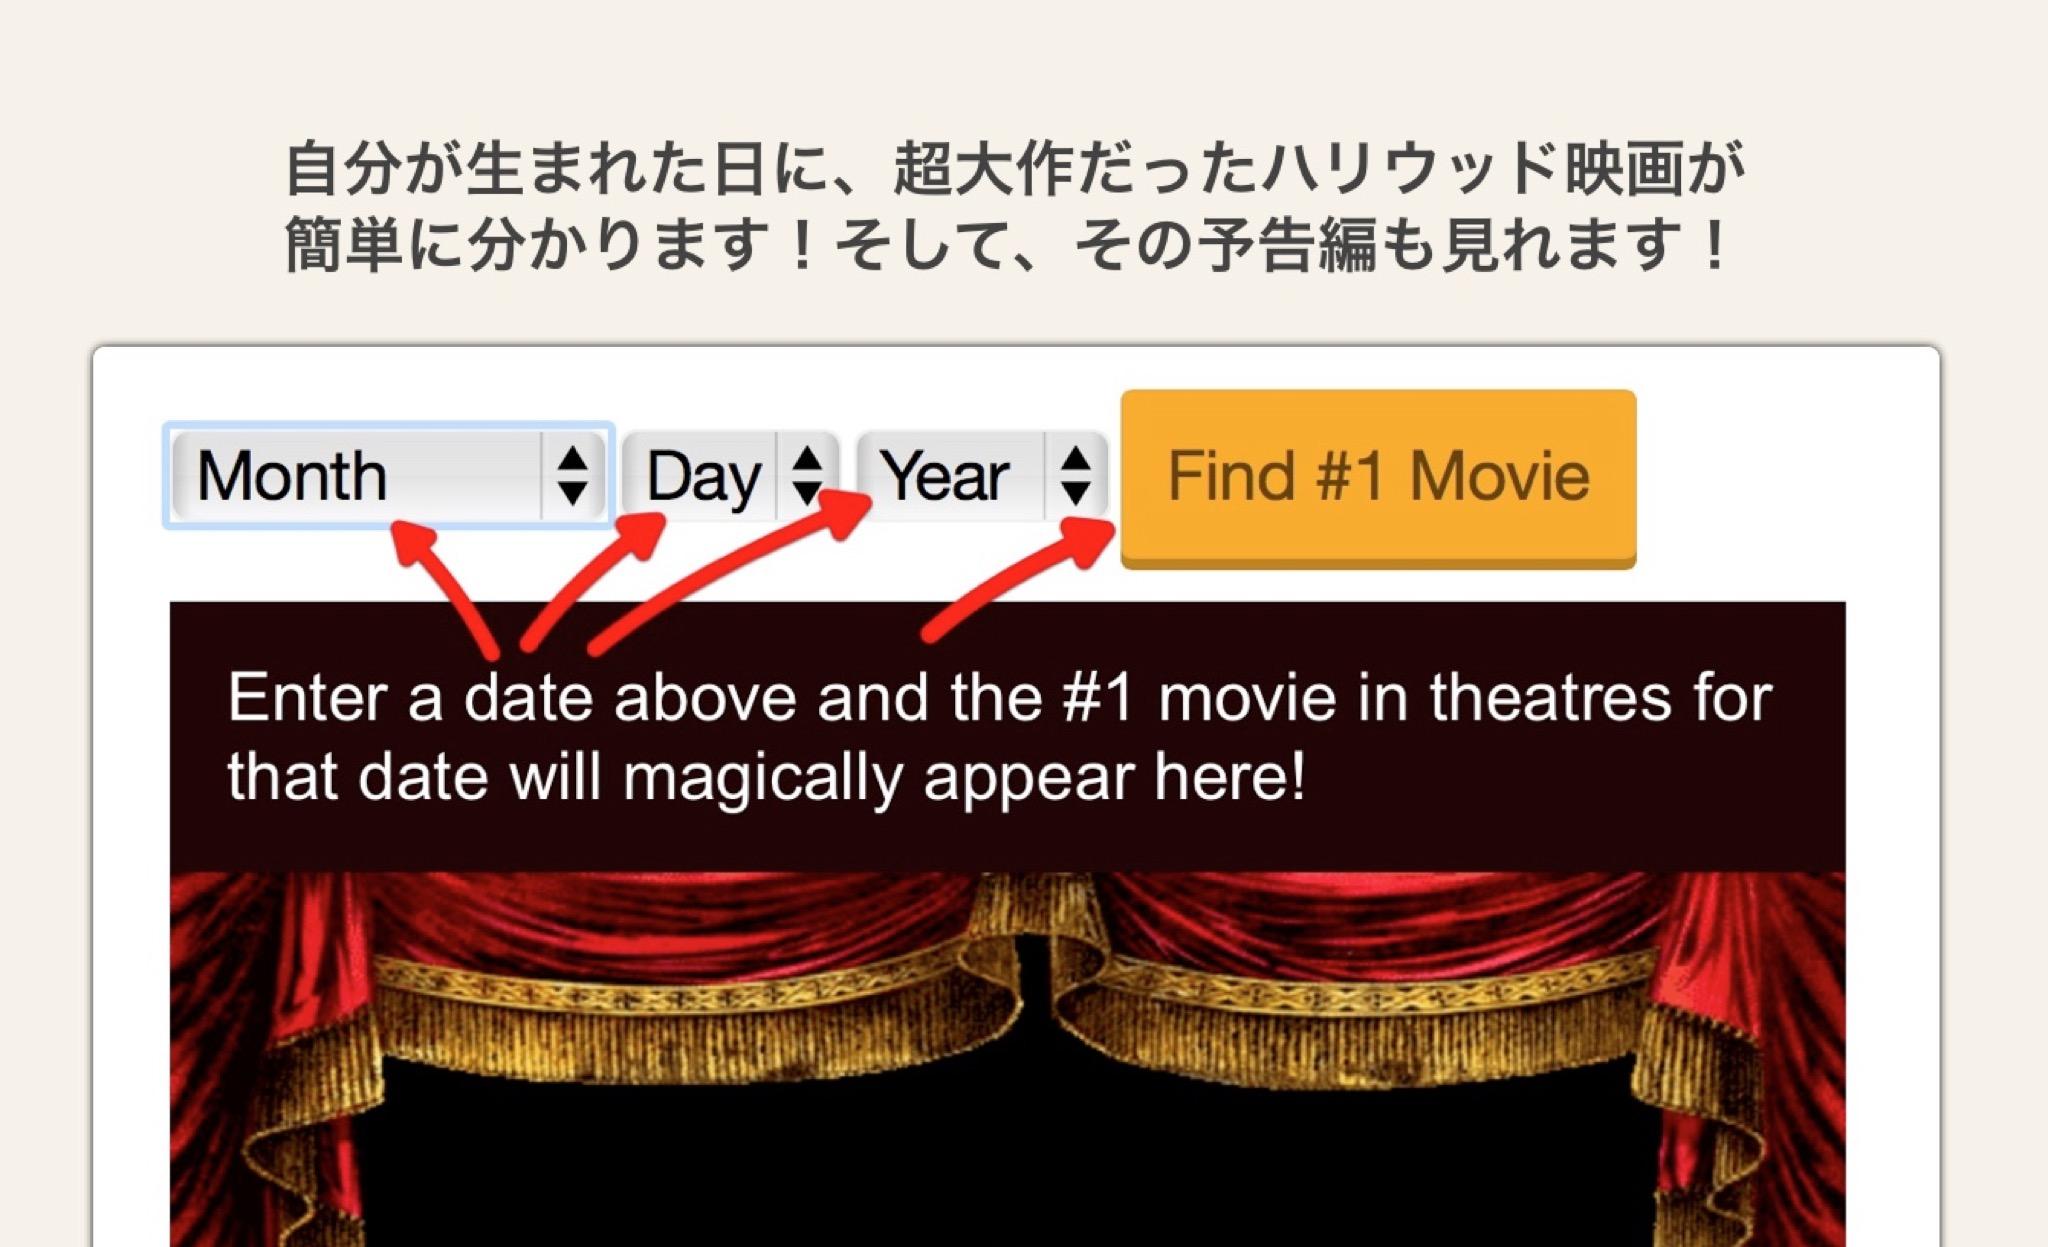 自分が生まれた日に、超大作だったハリウッド映画が簡単に分かり、その予告編も見れるサイト